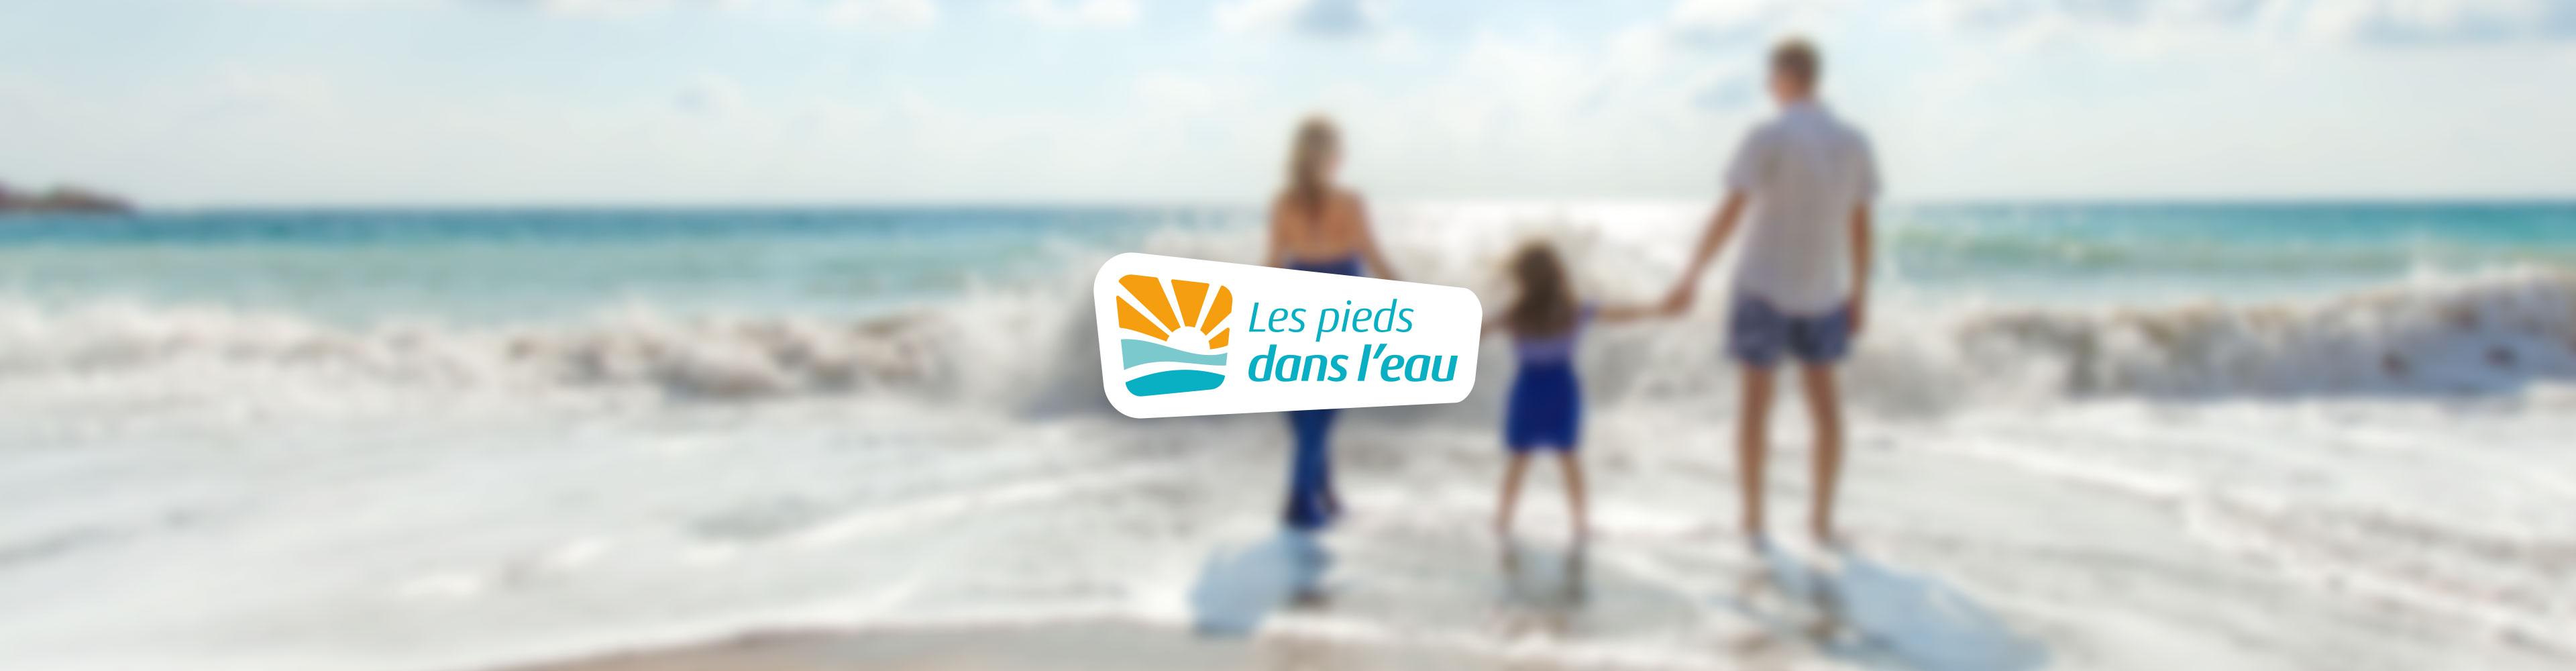 Les pieds dans l'eau hero image logo